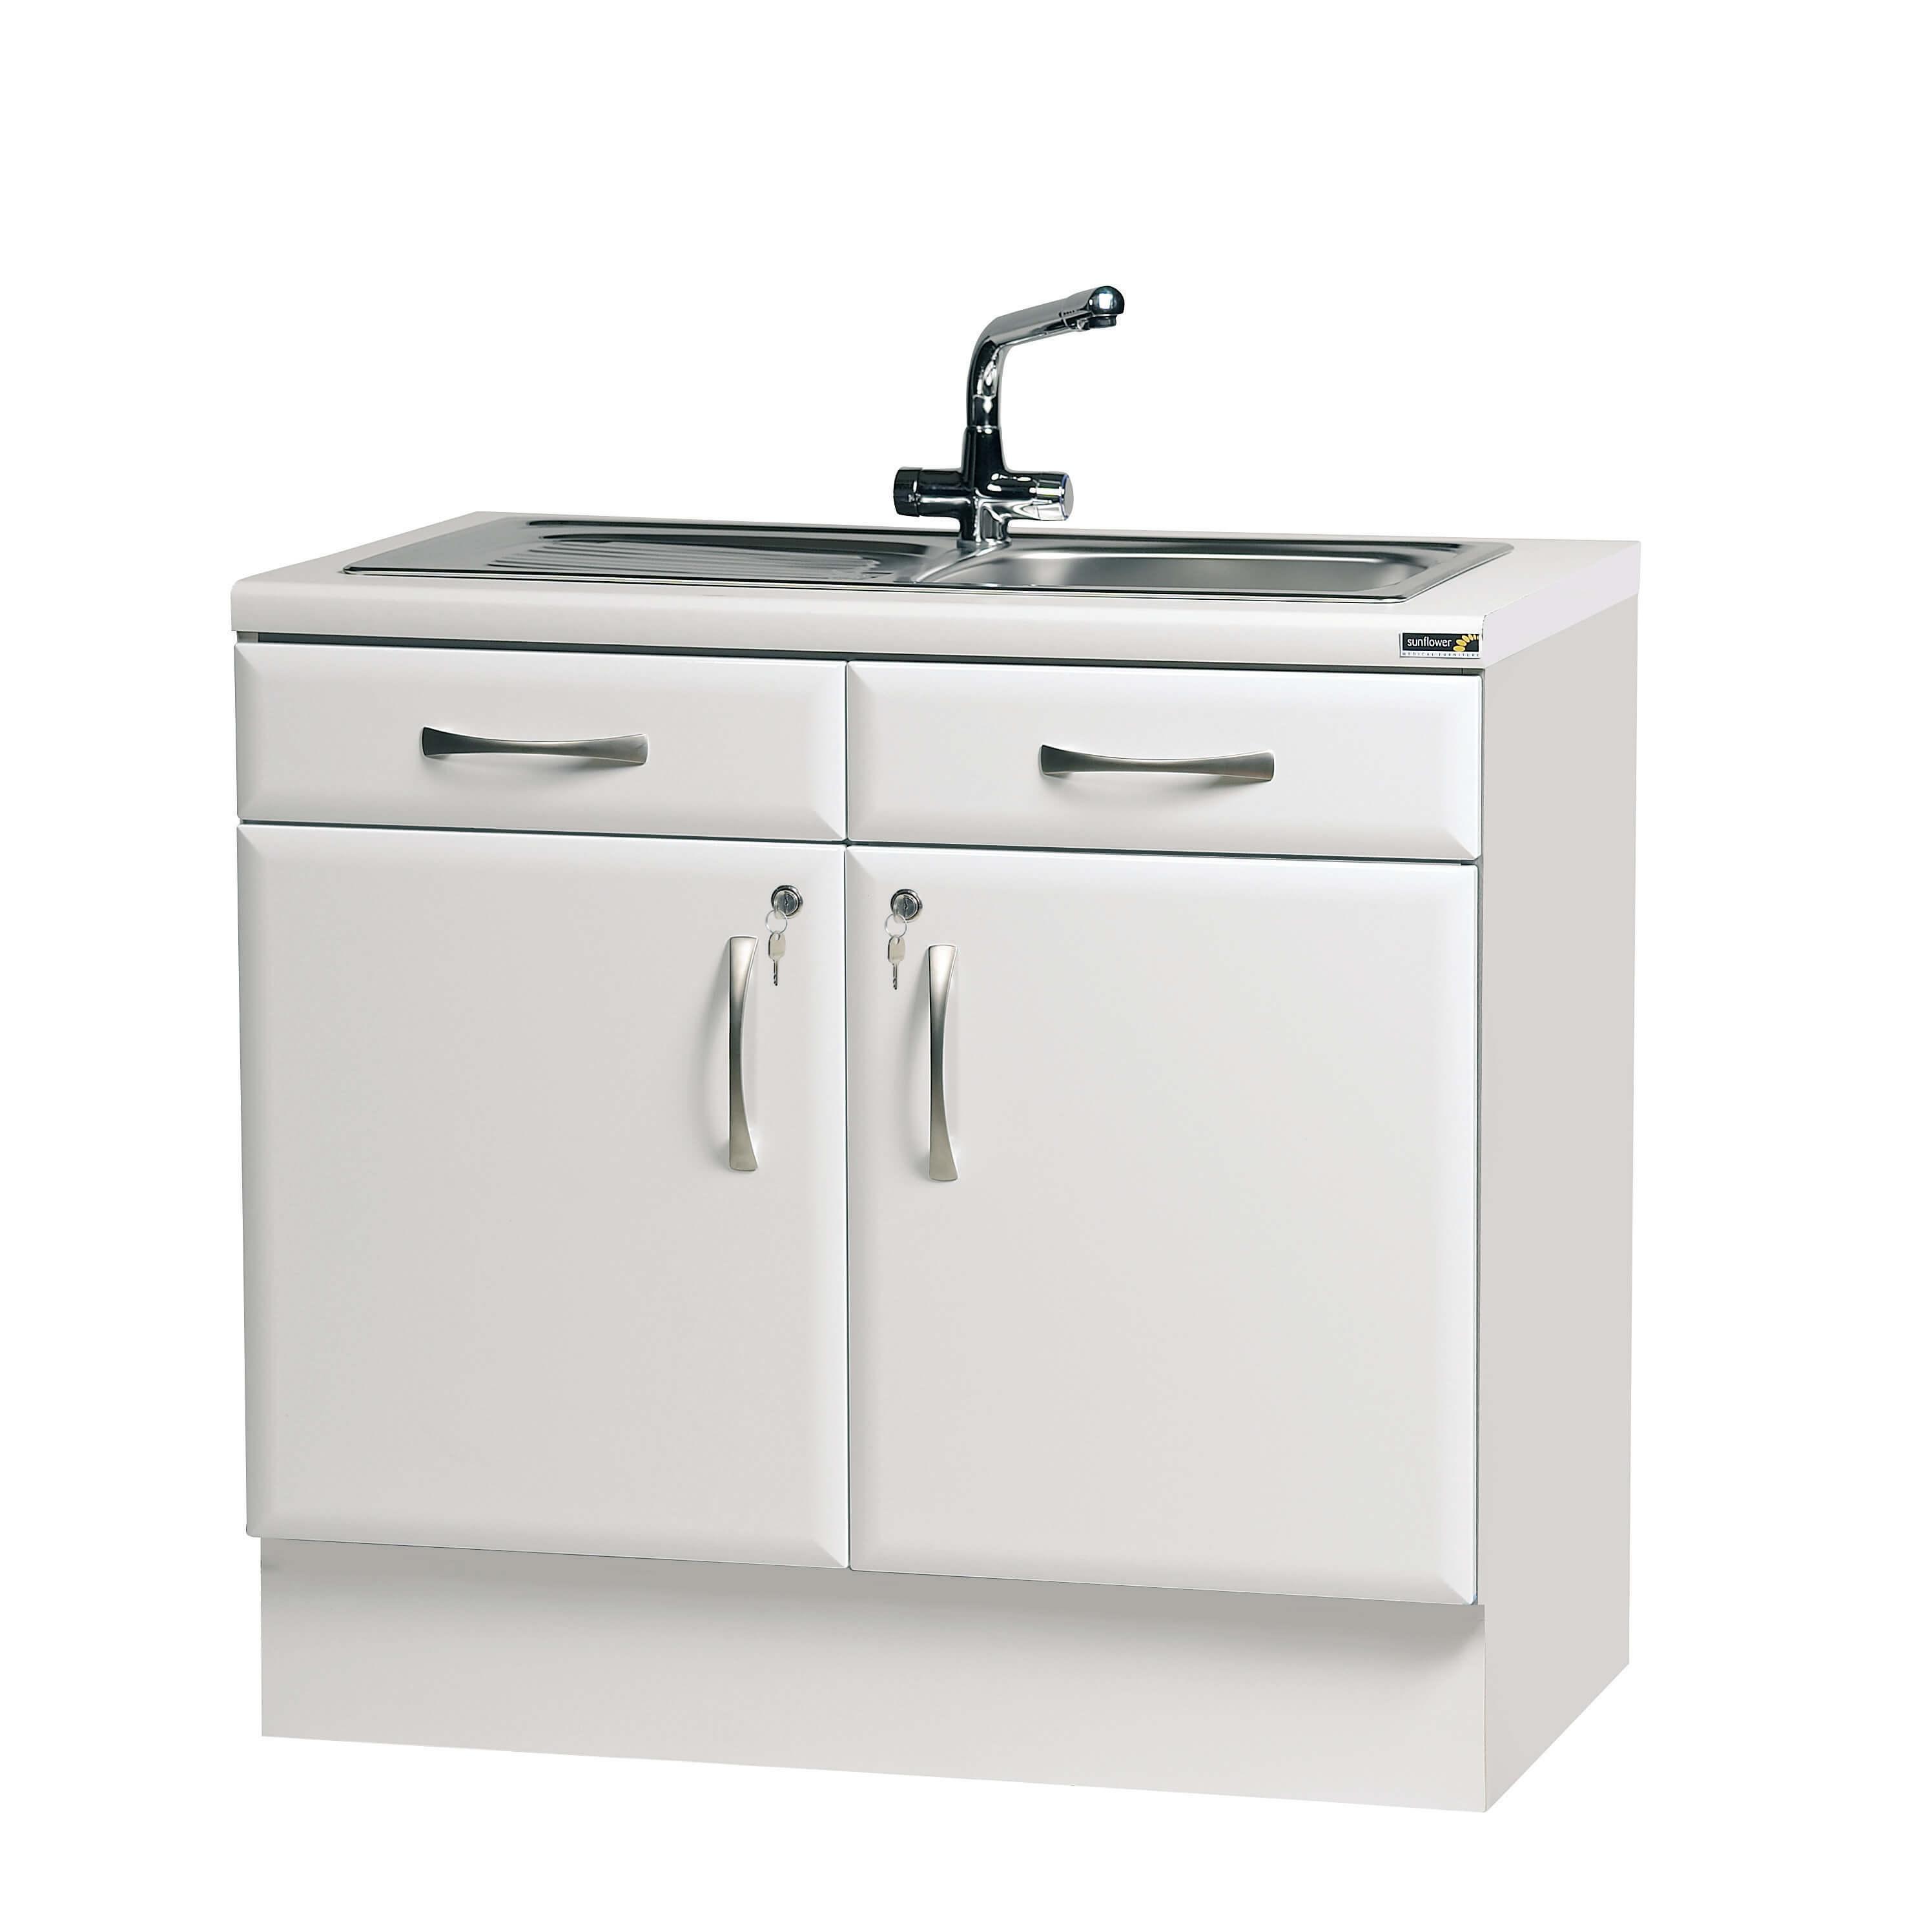 100cm Sink Cabinet - White High Gloss Finish [Sun-BU6W ...